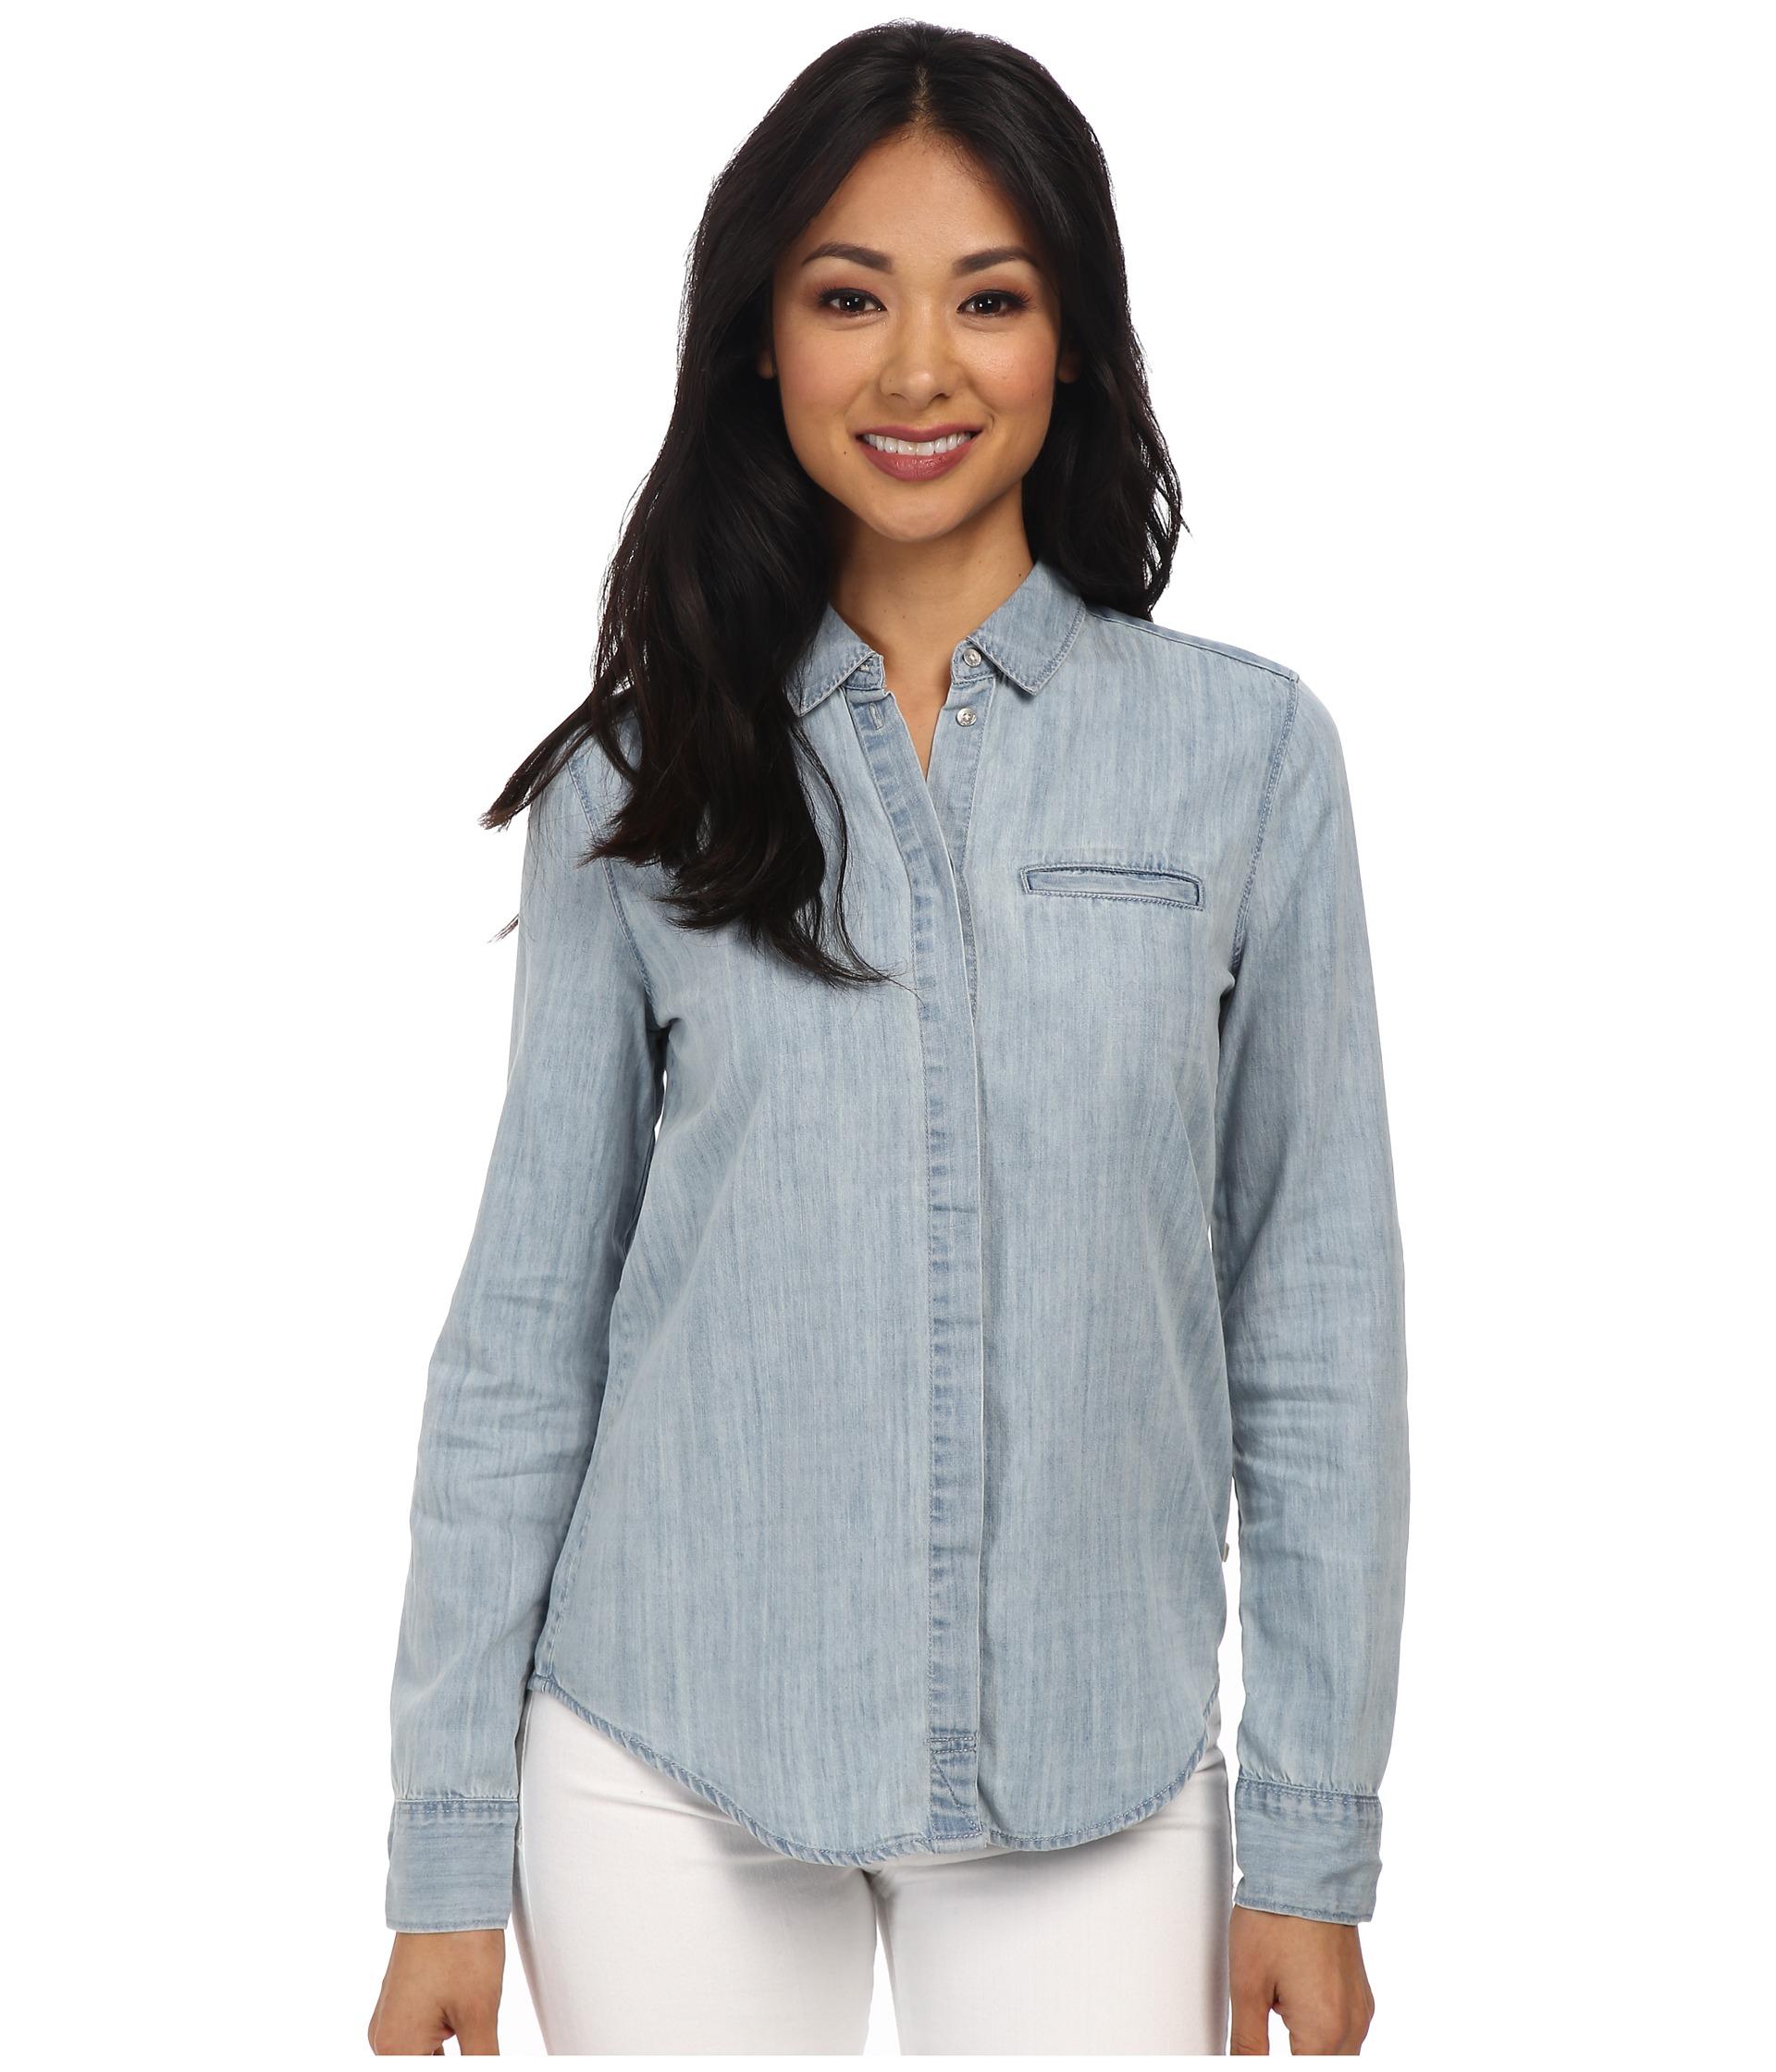 Calvin klein jeans denim button down shirt in blue light for Denim button down shirts